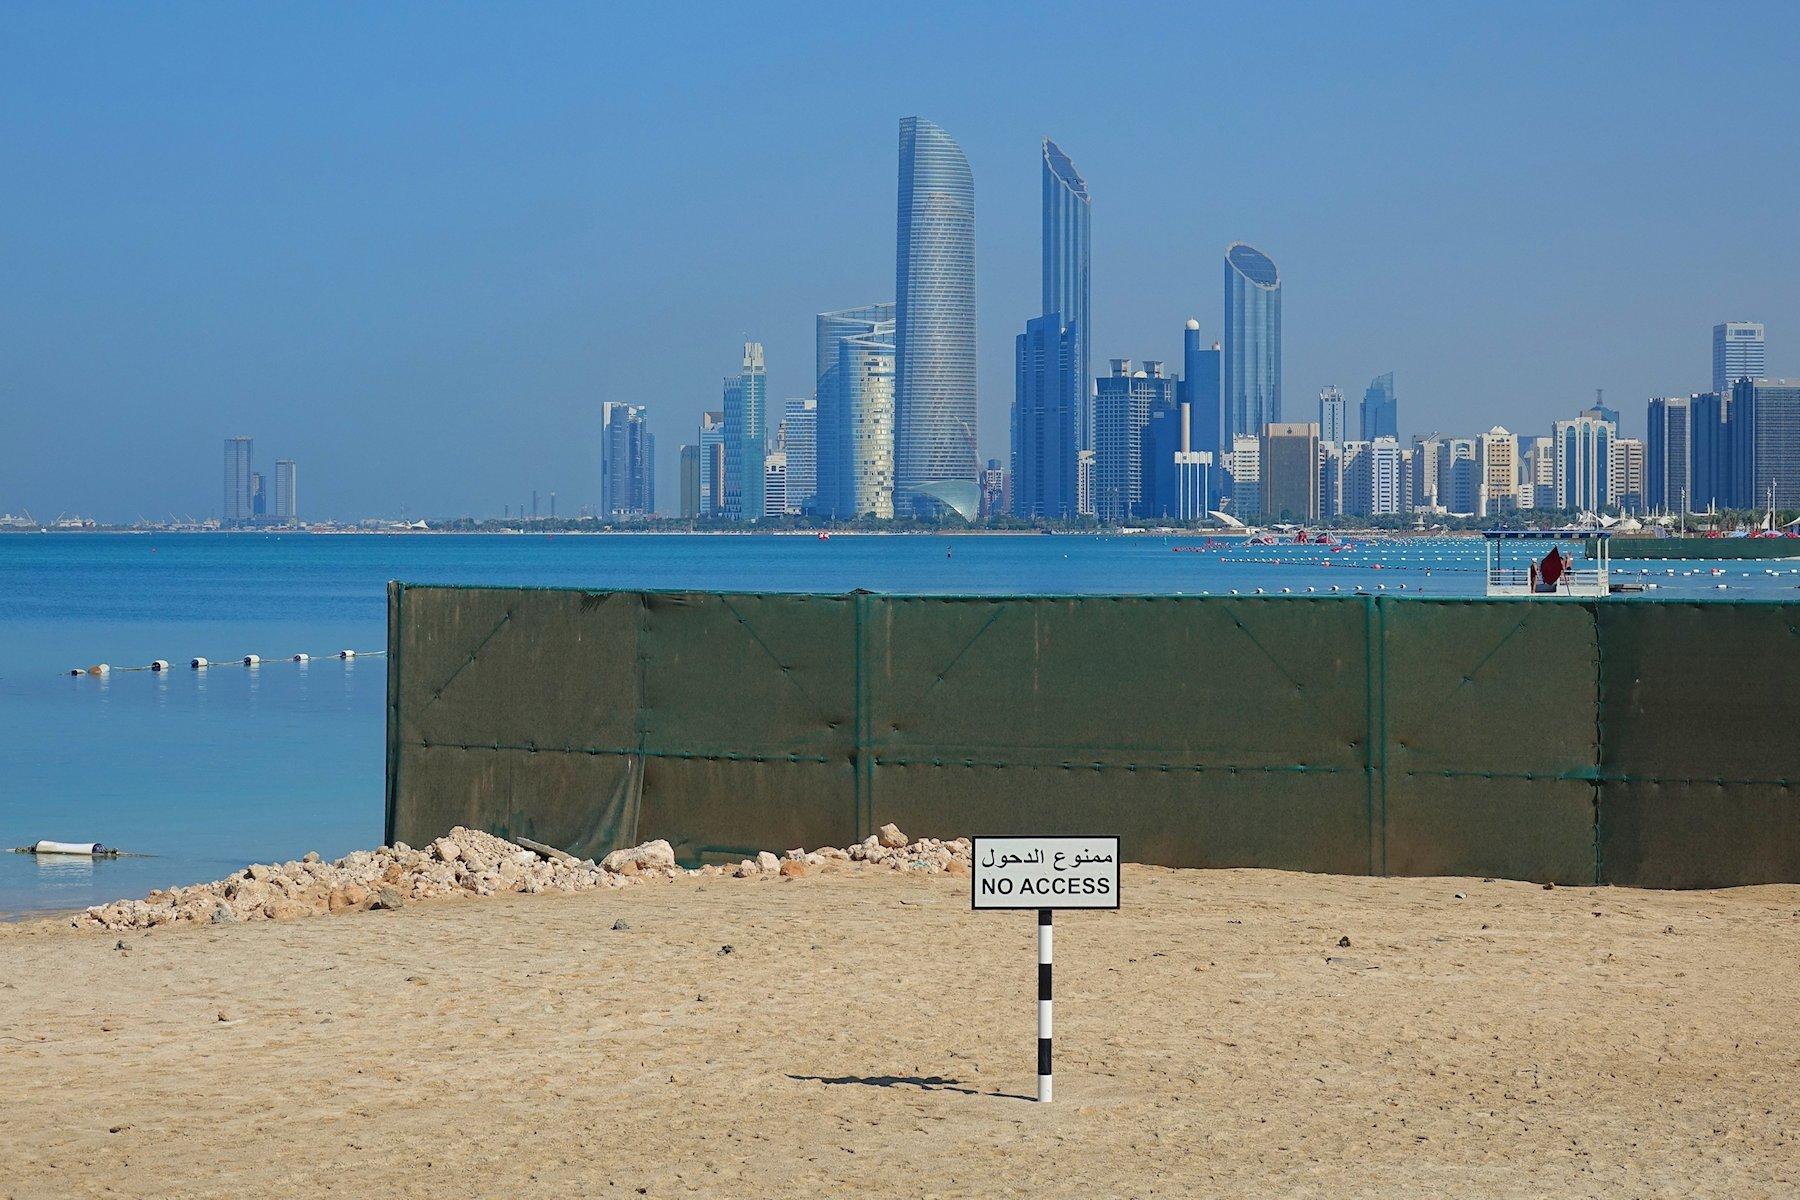 Not too shabby in Abu Dhabi